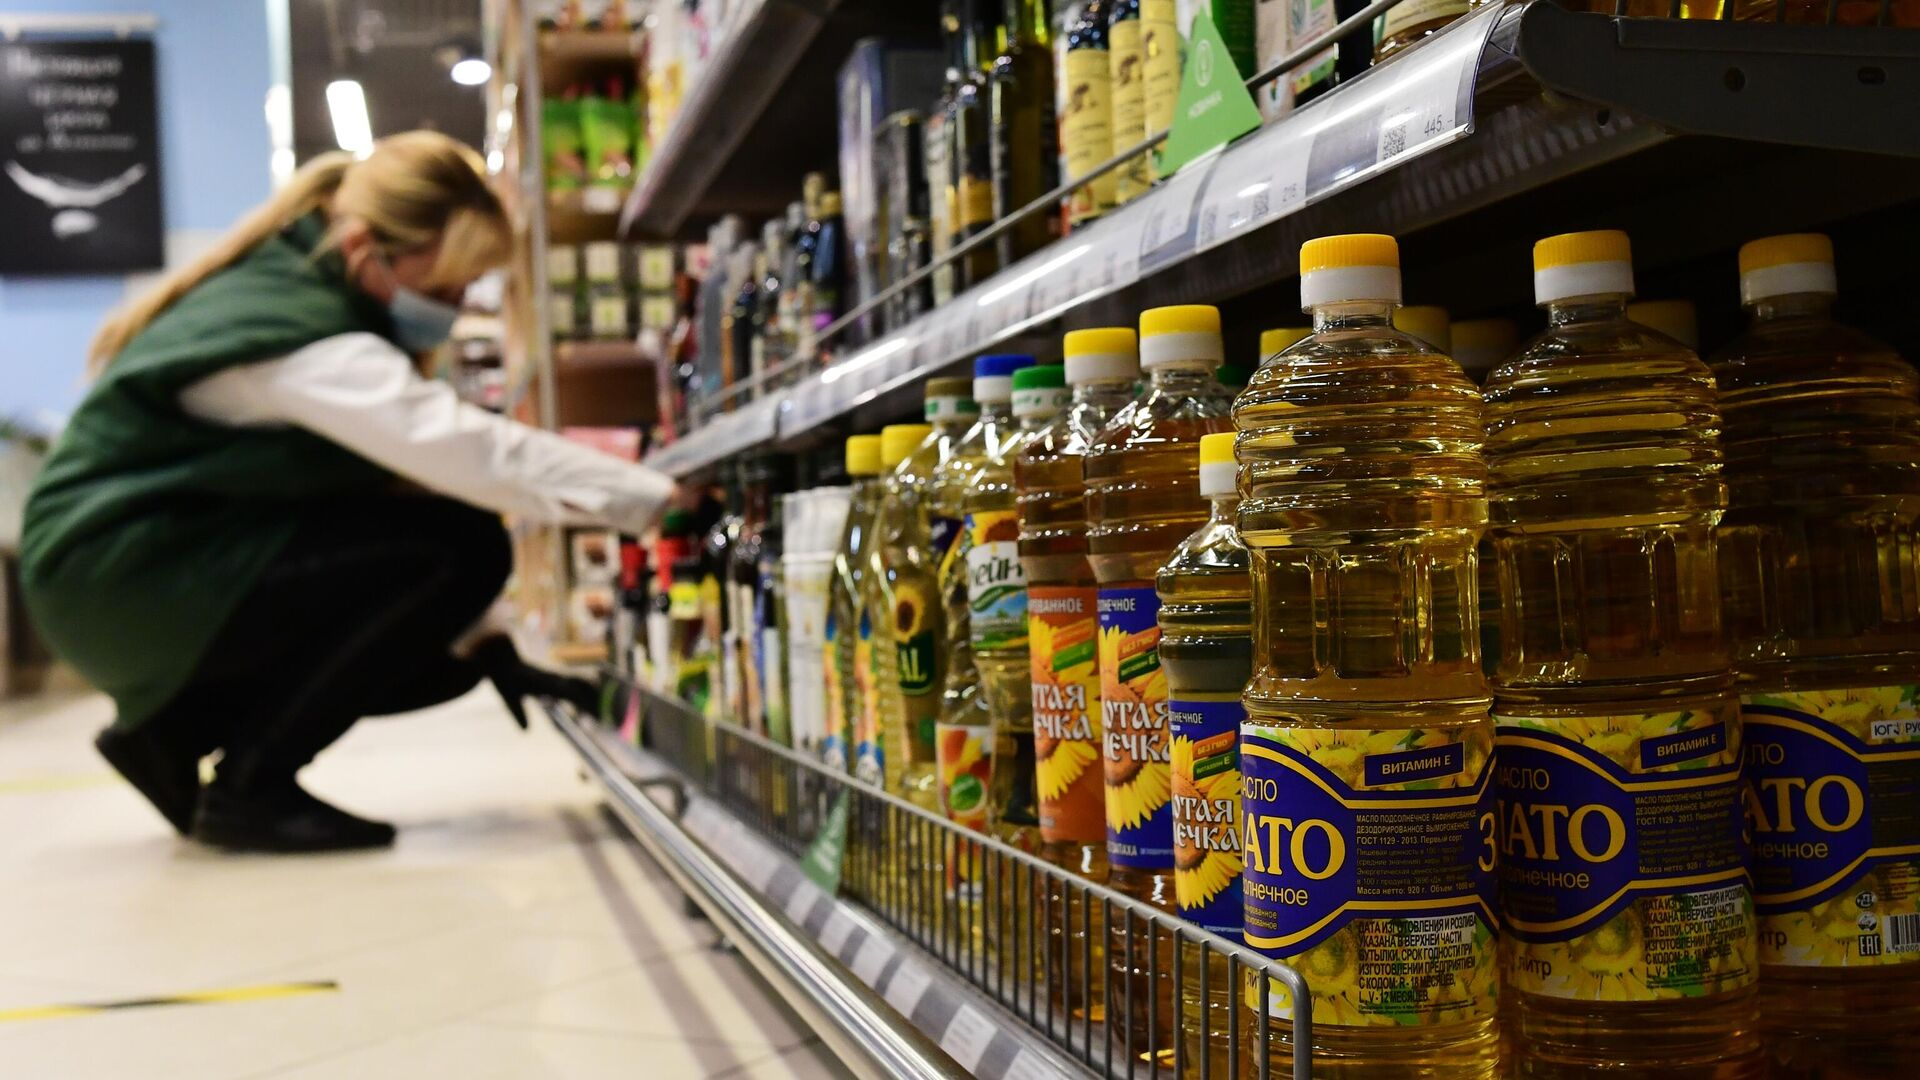 Подсолнечное масло в супермаркете - РИА Новости, 1920, 30.12.2020